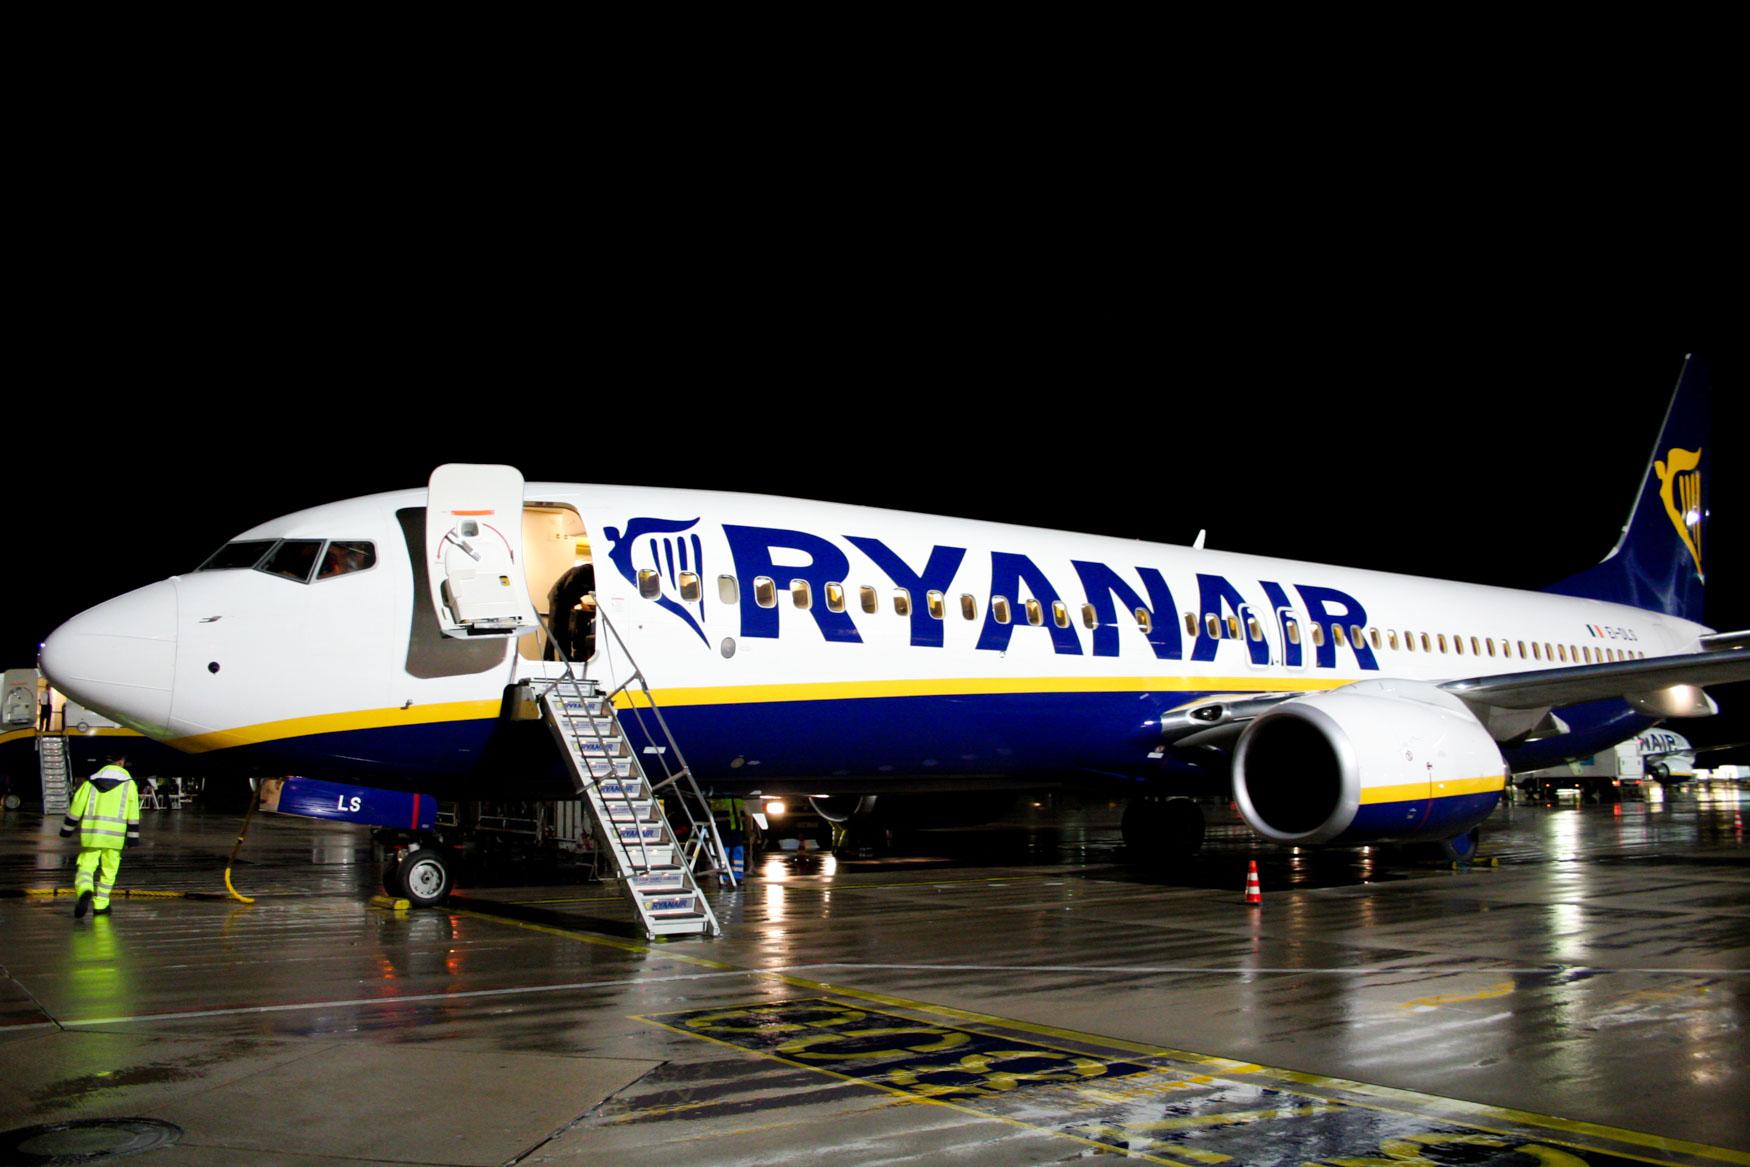 Ryanair 737-800 at Frankfurt Hahn